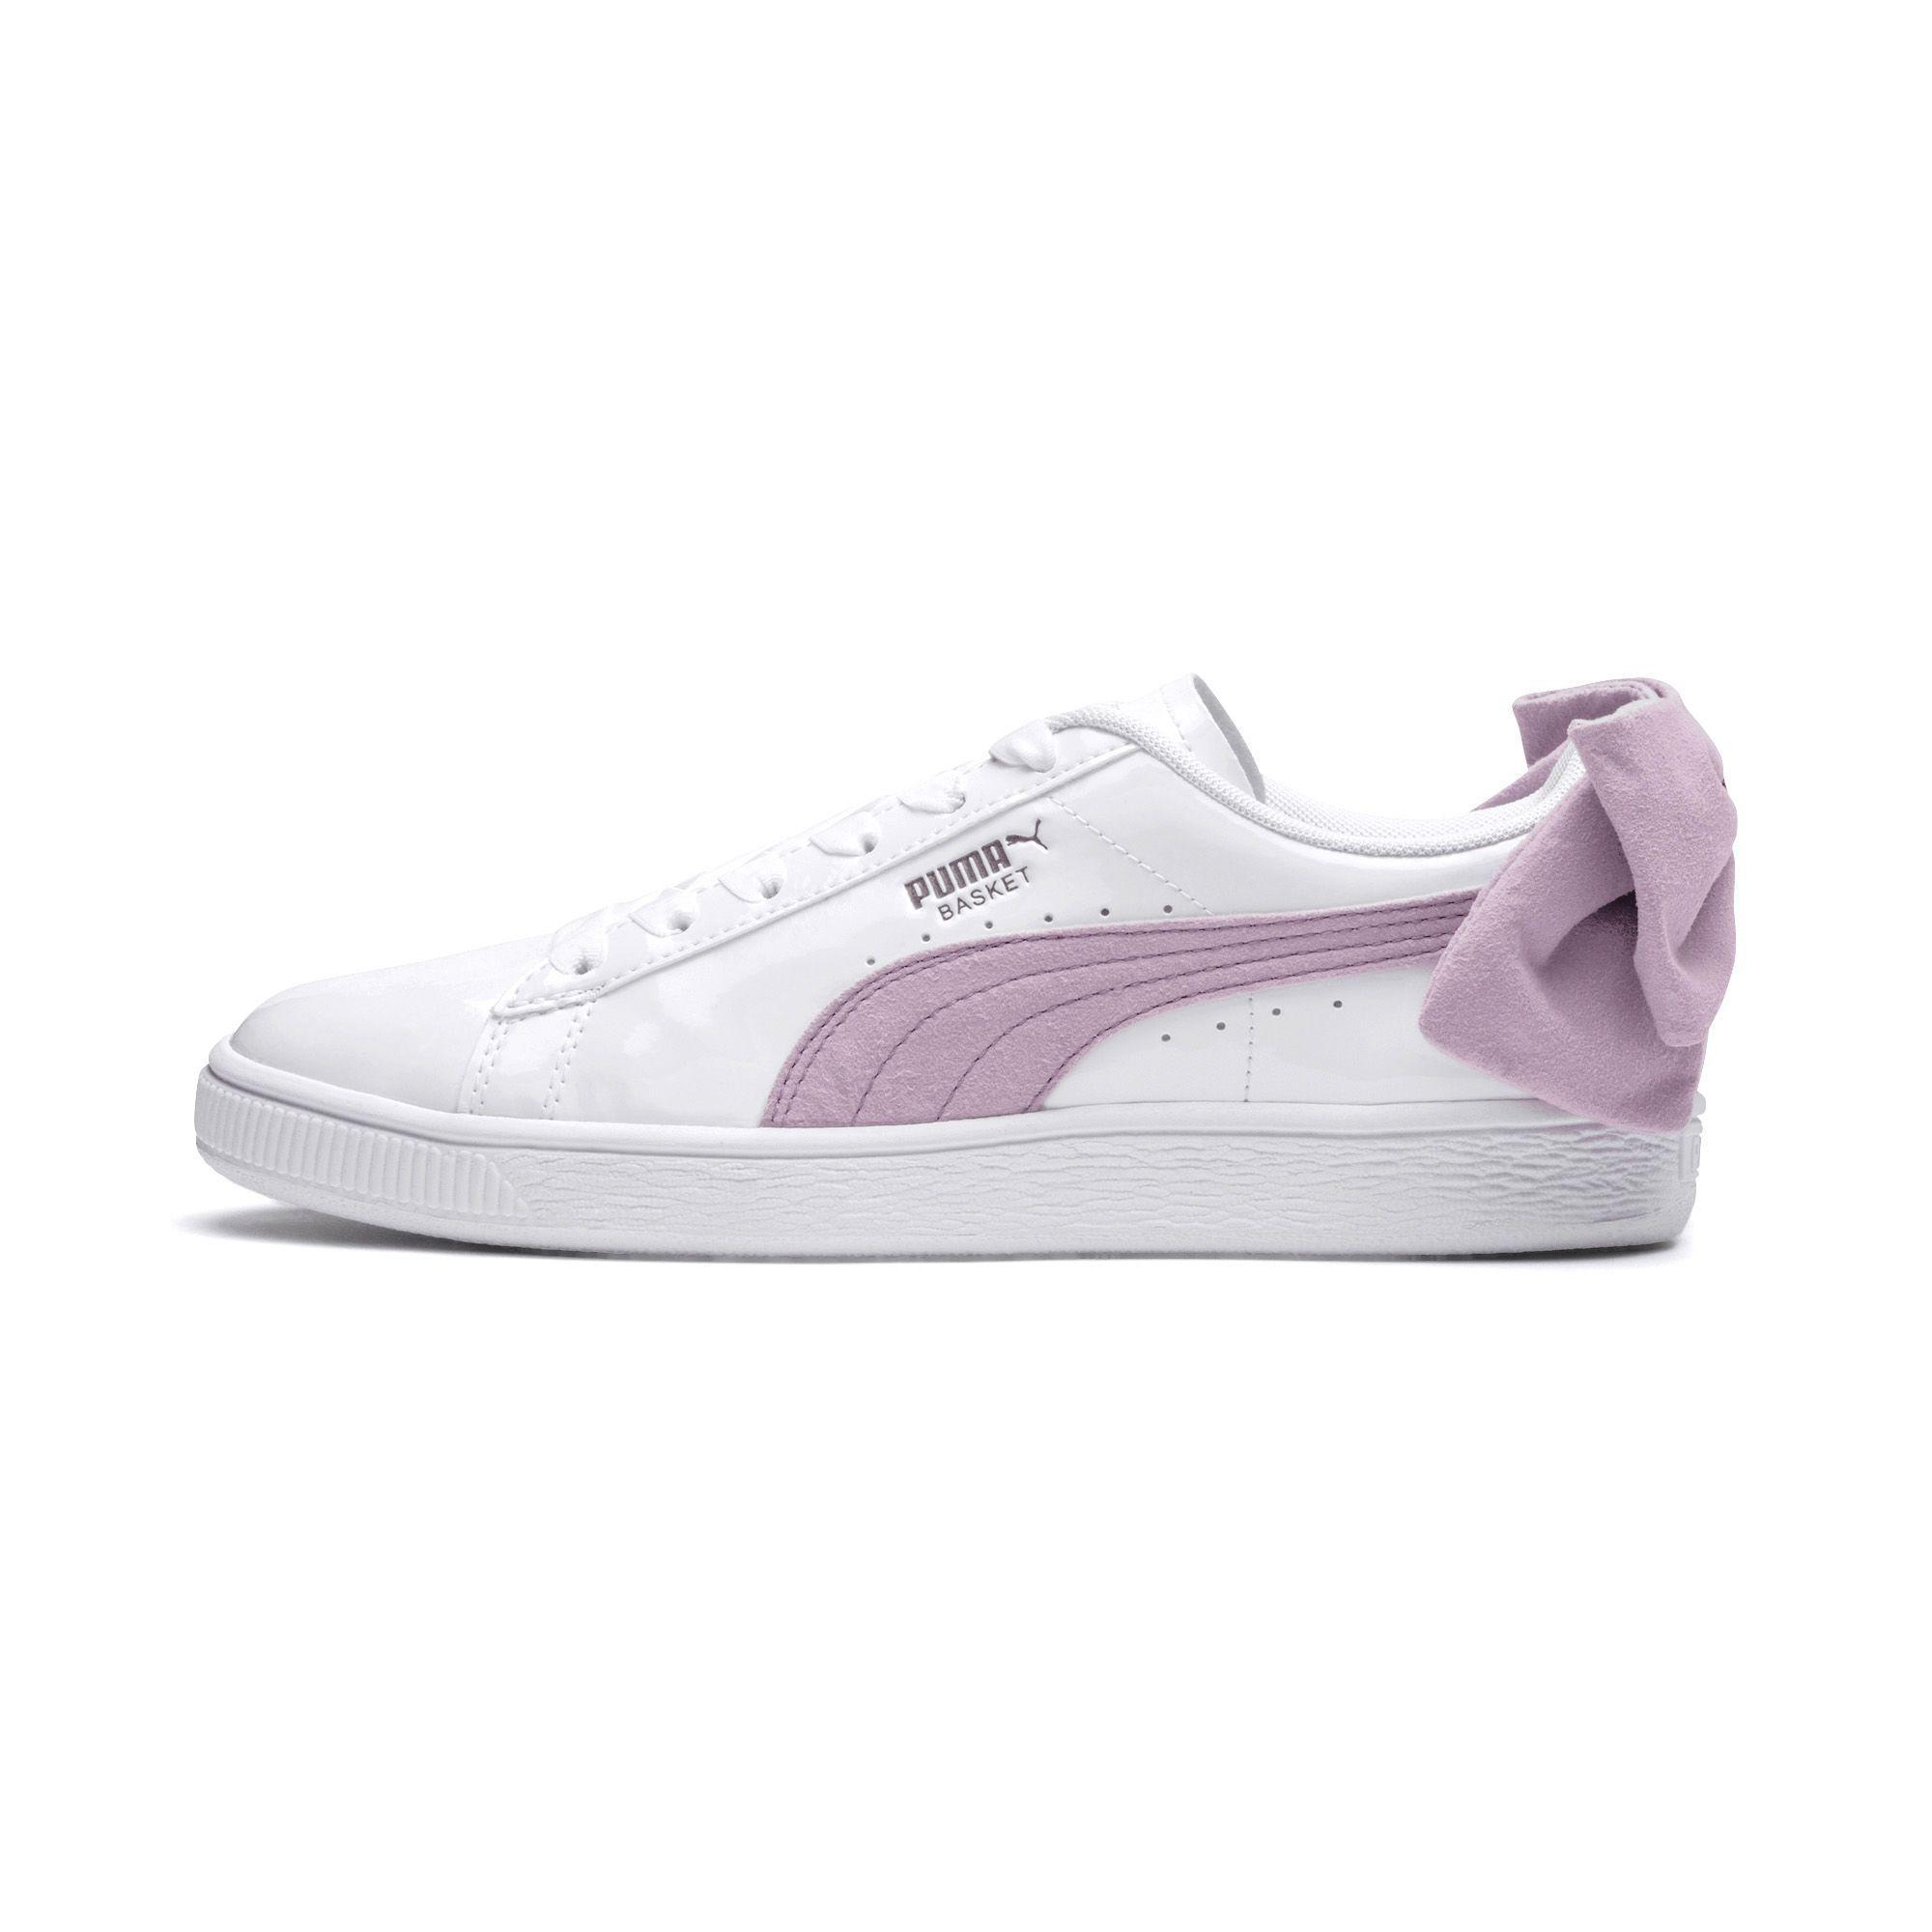 f12e27216b6 Lyst - PUMA Basket Suede Bow Women s Sneakers